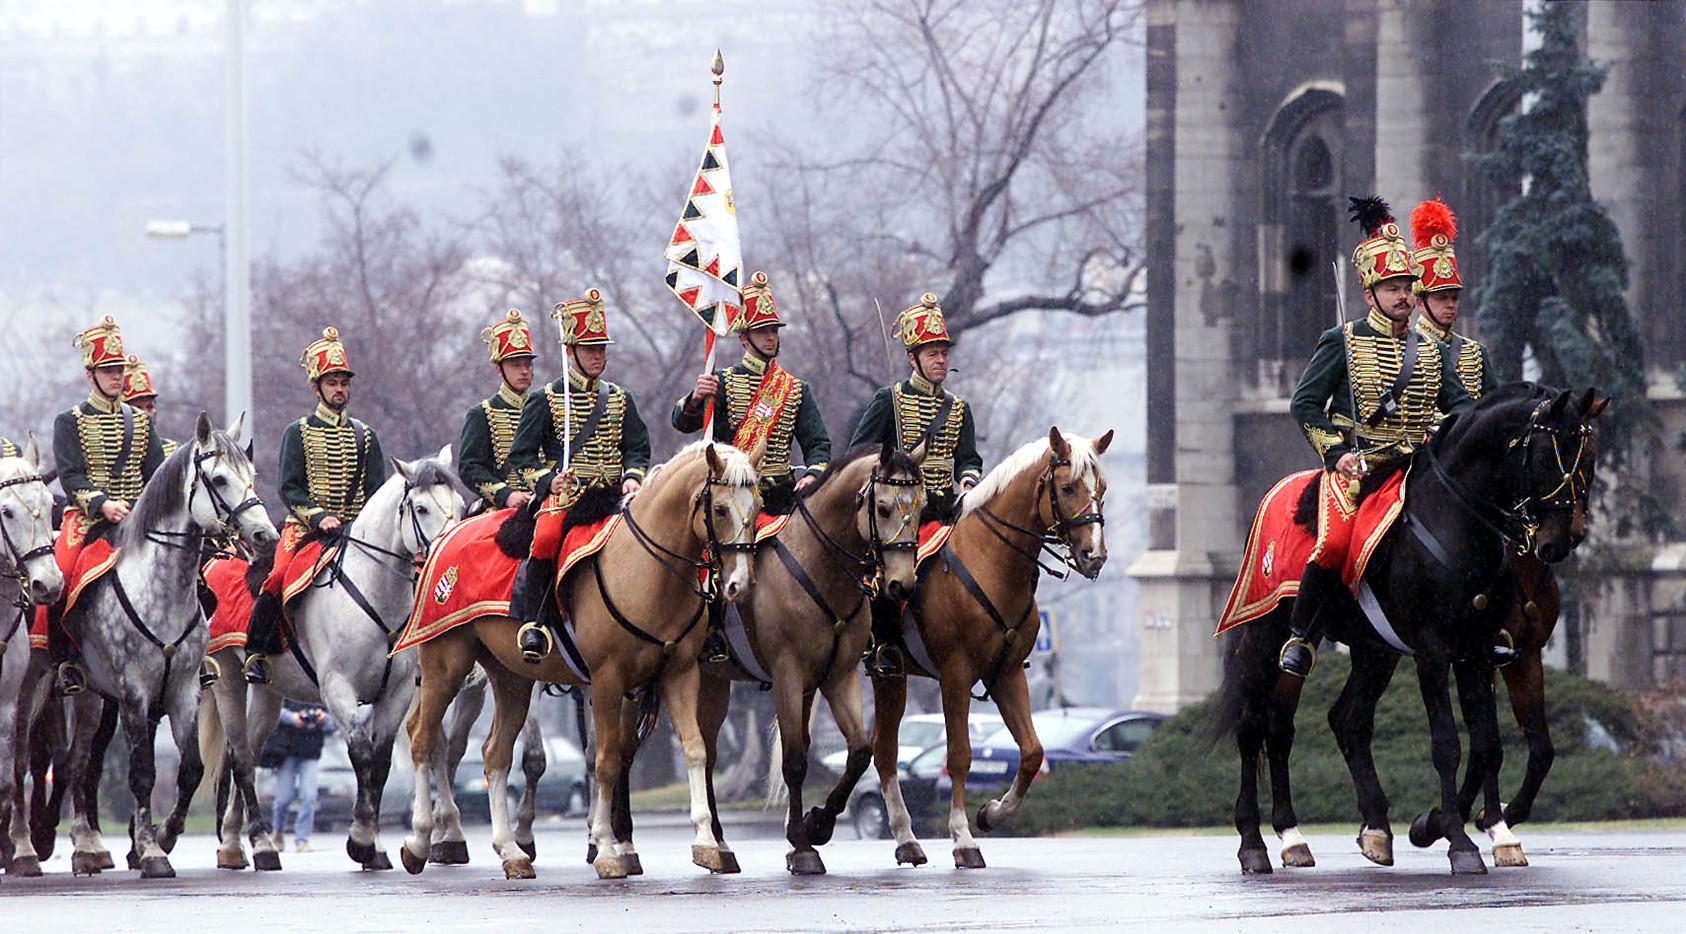 Budapest, 2001. 03. 13. Negyvenhét évi várakozás után ismét van Magyarországnak olyan huszáralakulata, amely nemzeti ünnepeinken, vagy állam- és kormányfők fogadása alkalmából méltóképp képviseli történelmi államiságunk megjelenítését. A magyar huszárság hagyományait híven követő lovas díszegység felállításának és kiképzésének költségeit a Belügyminisztérium fedezte. Tagjait elsősorban a lovasrendőrség állományából toborozták. A képen: a Magyar Köztársaság Nemzeti Lovas Díszegysége a március 15-i nemzeti ünnepünkön mutakozik be először, az ünnepség főpróbáját március 13-án tartották a Parlament előtt. MTI Fotó: Illyés Tibor